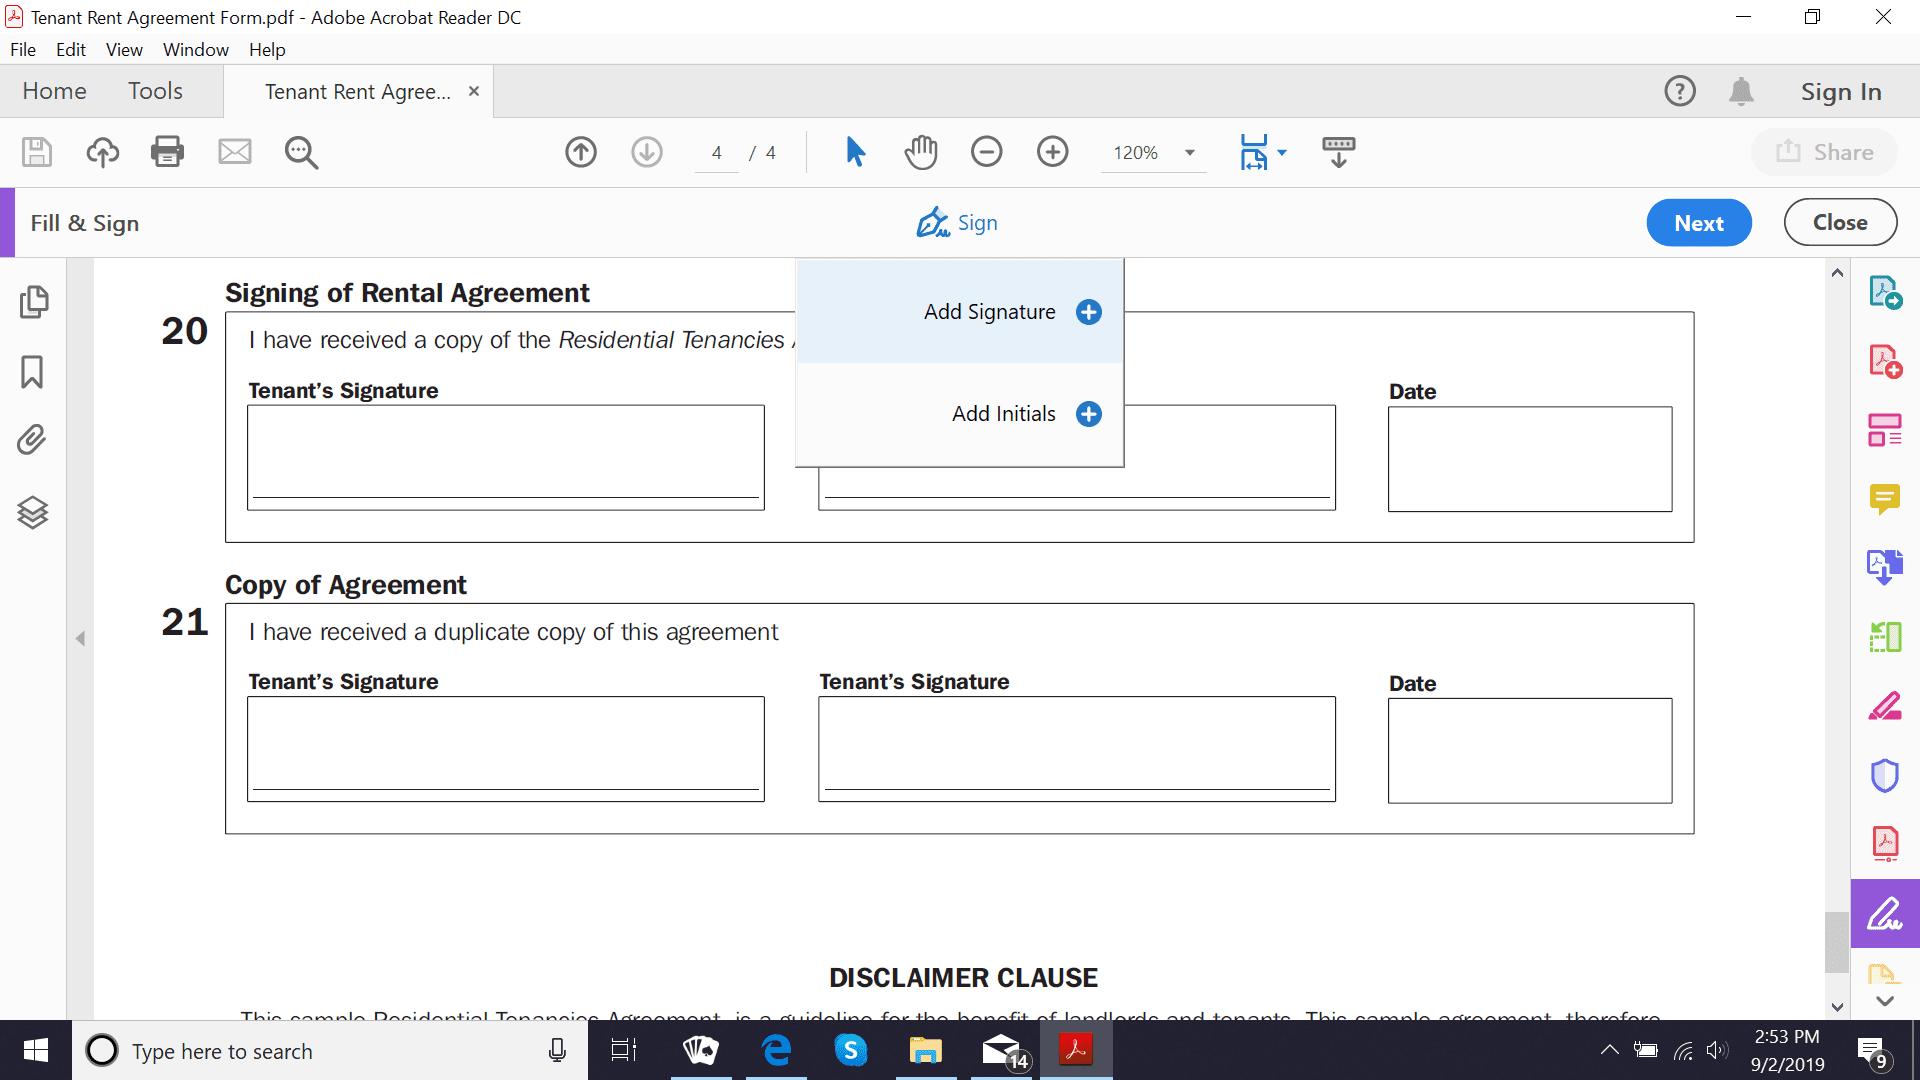 Adobe Acrobat Reader DC add signature